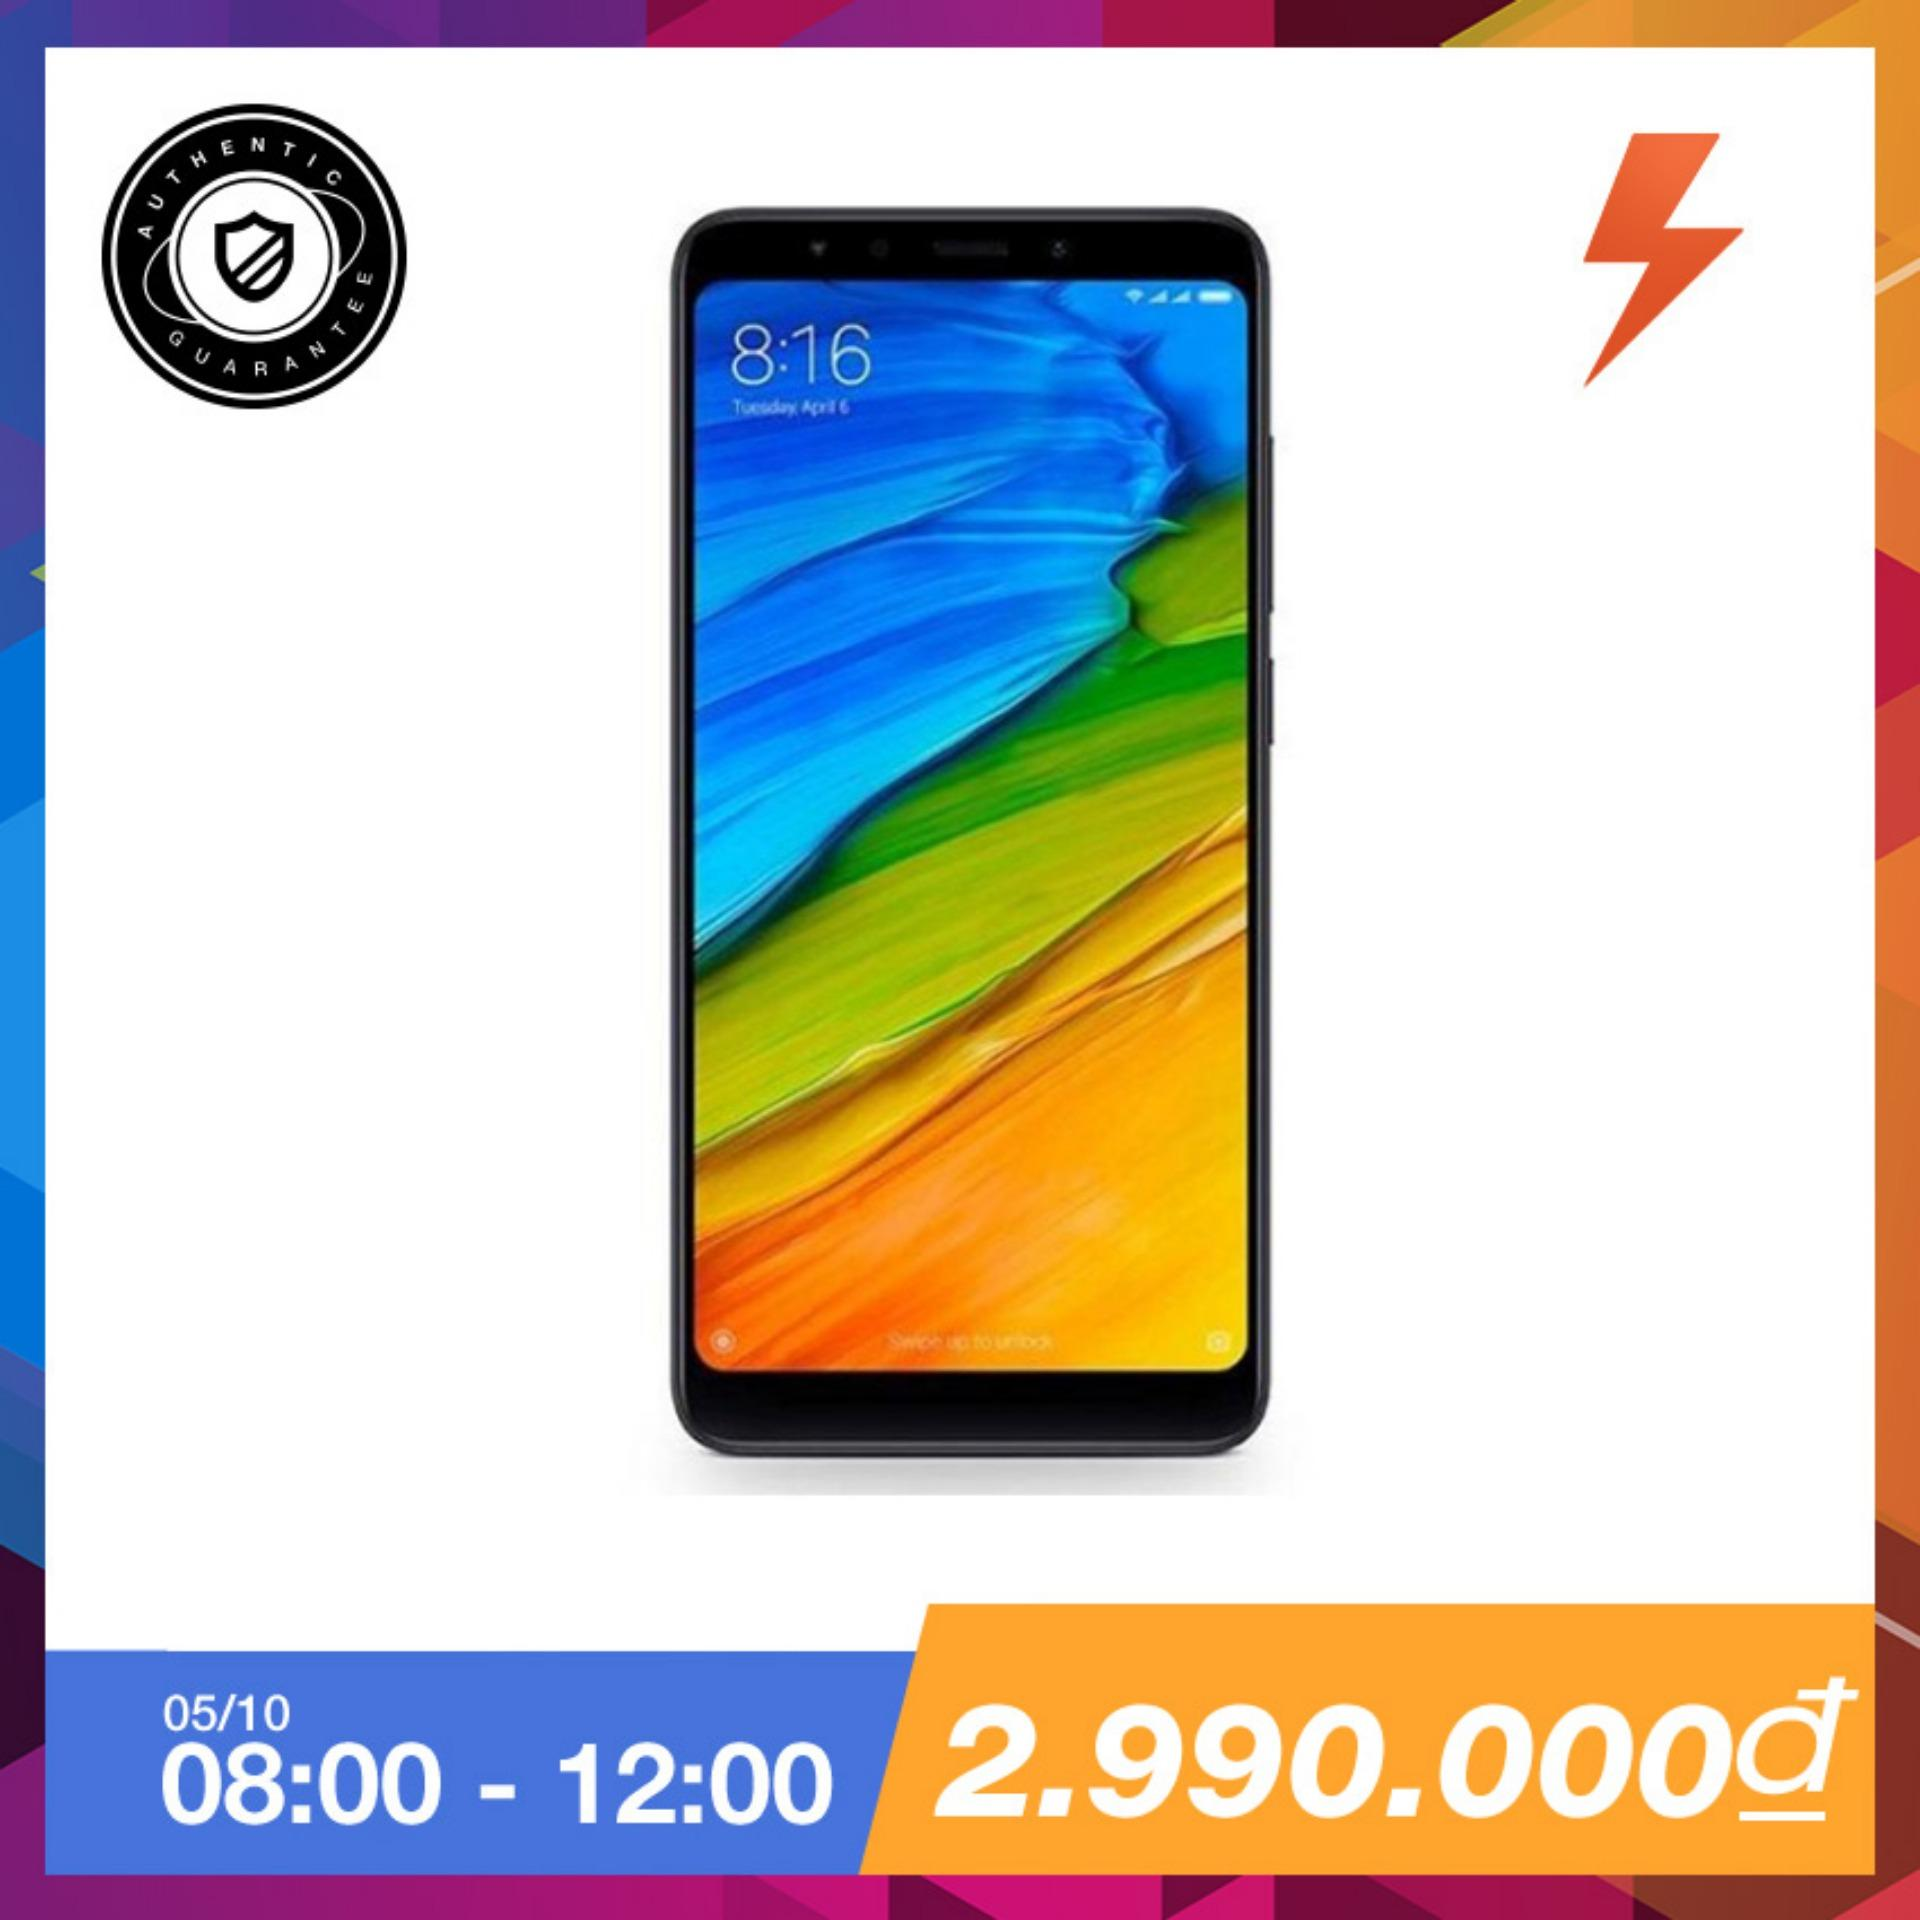 Bán Xiaomi Redmi 5 32Gb Ram 3Gb Đen Hang Phan Phối Chinh Thức Rẻ